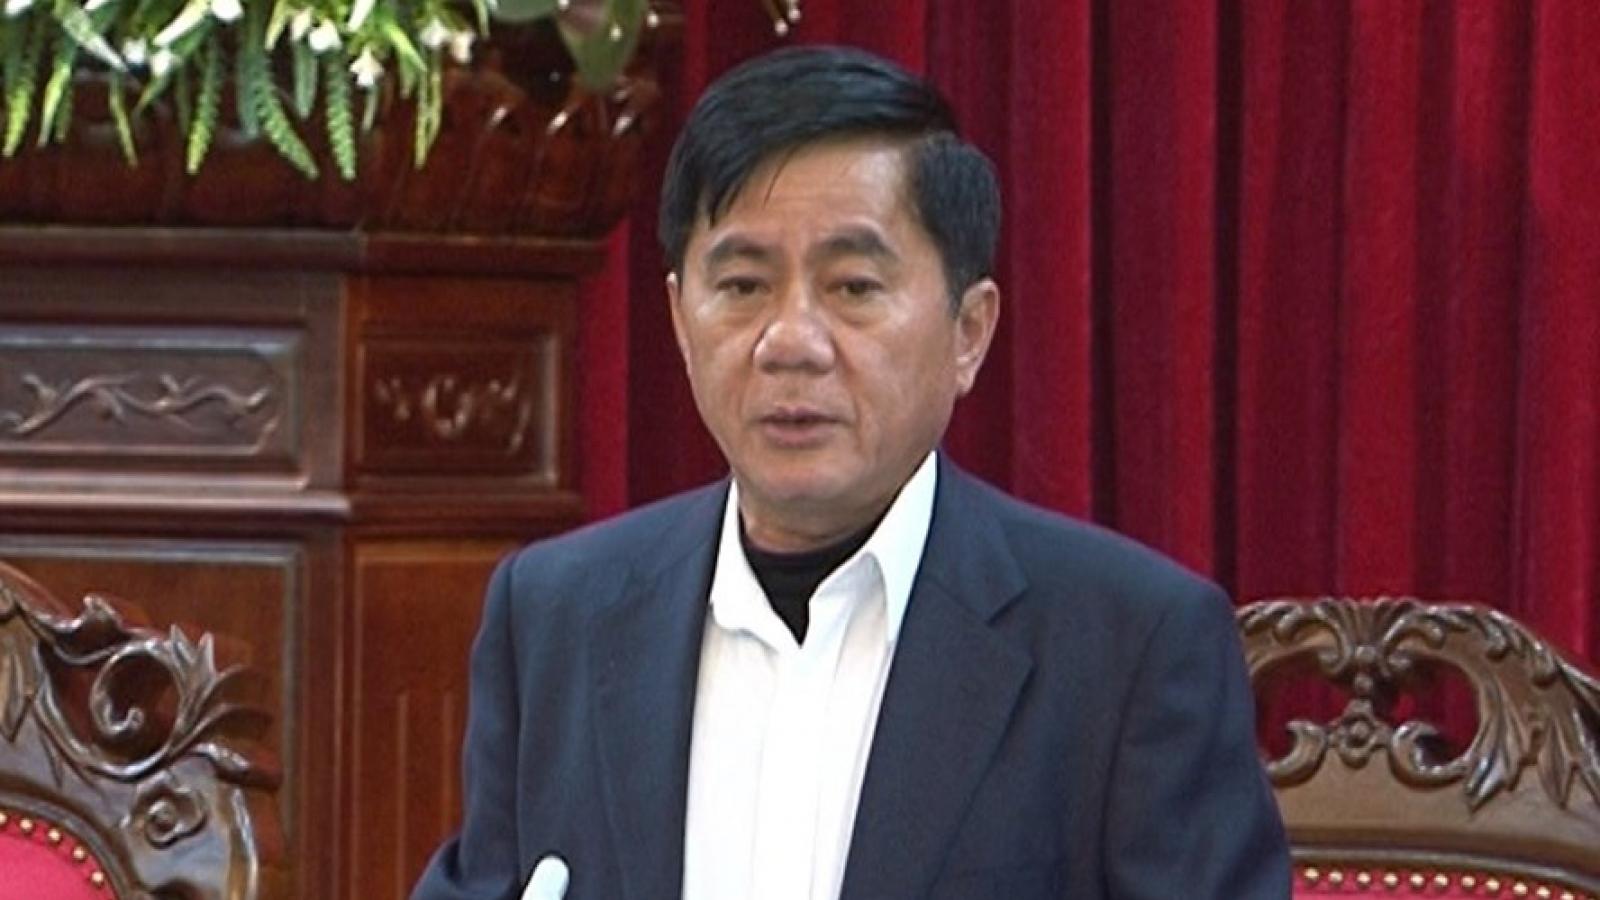 Ông Trần Cầm Tú tái đắc cử Chủ nhiệm Ủy ban Kiểm tra Trung ương khóa XIII